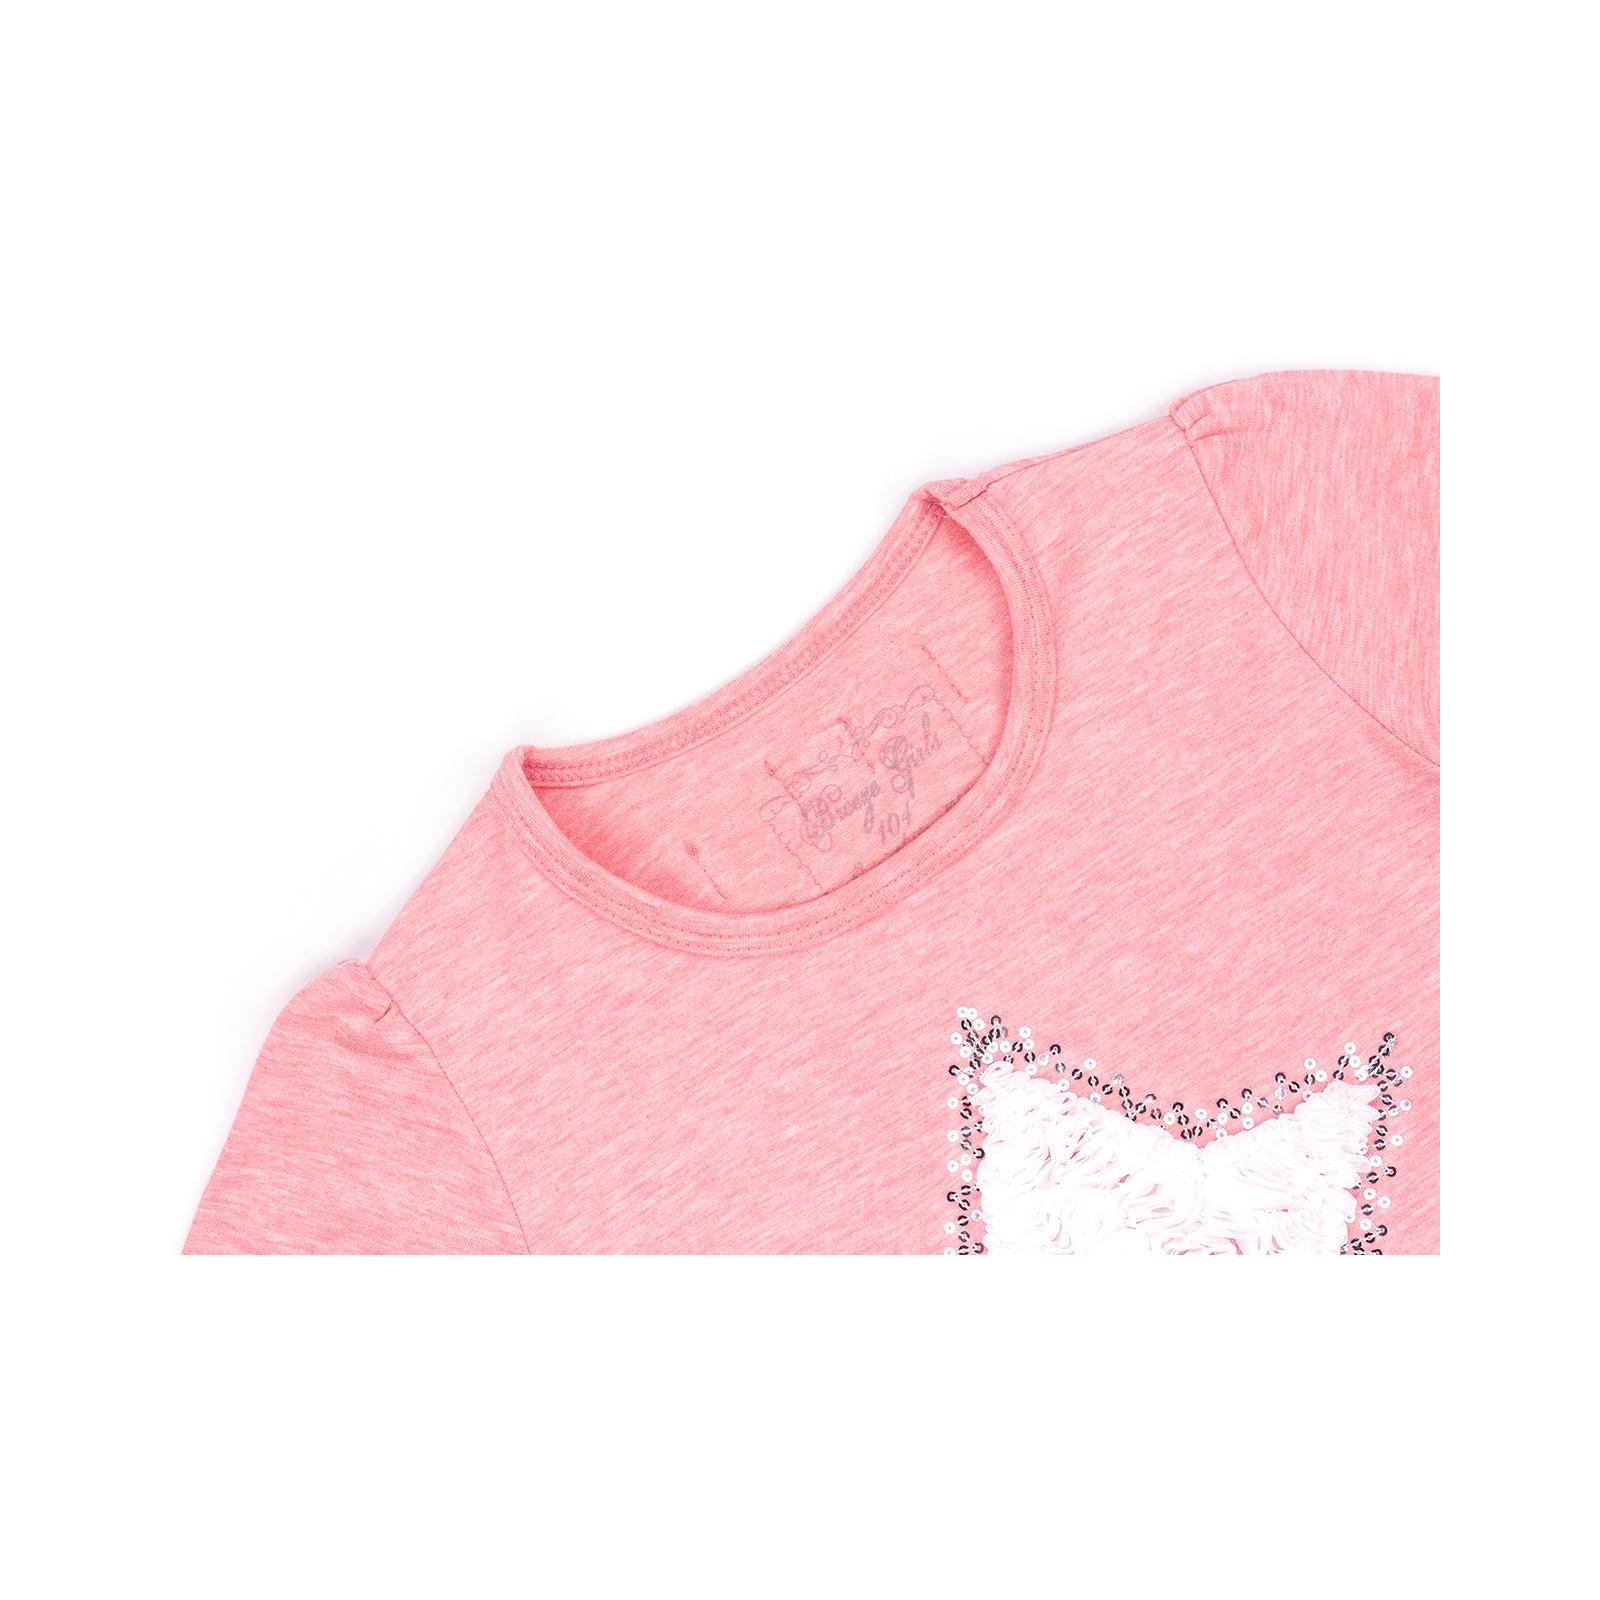 Кофта Breeze со звездой и оборкой (10536-110G-pink) изображение 3